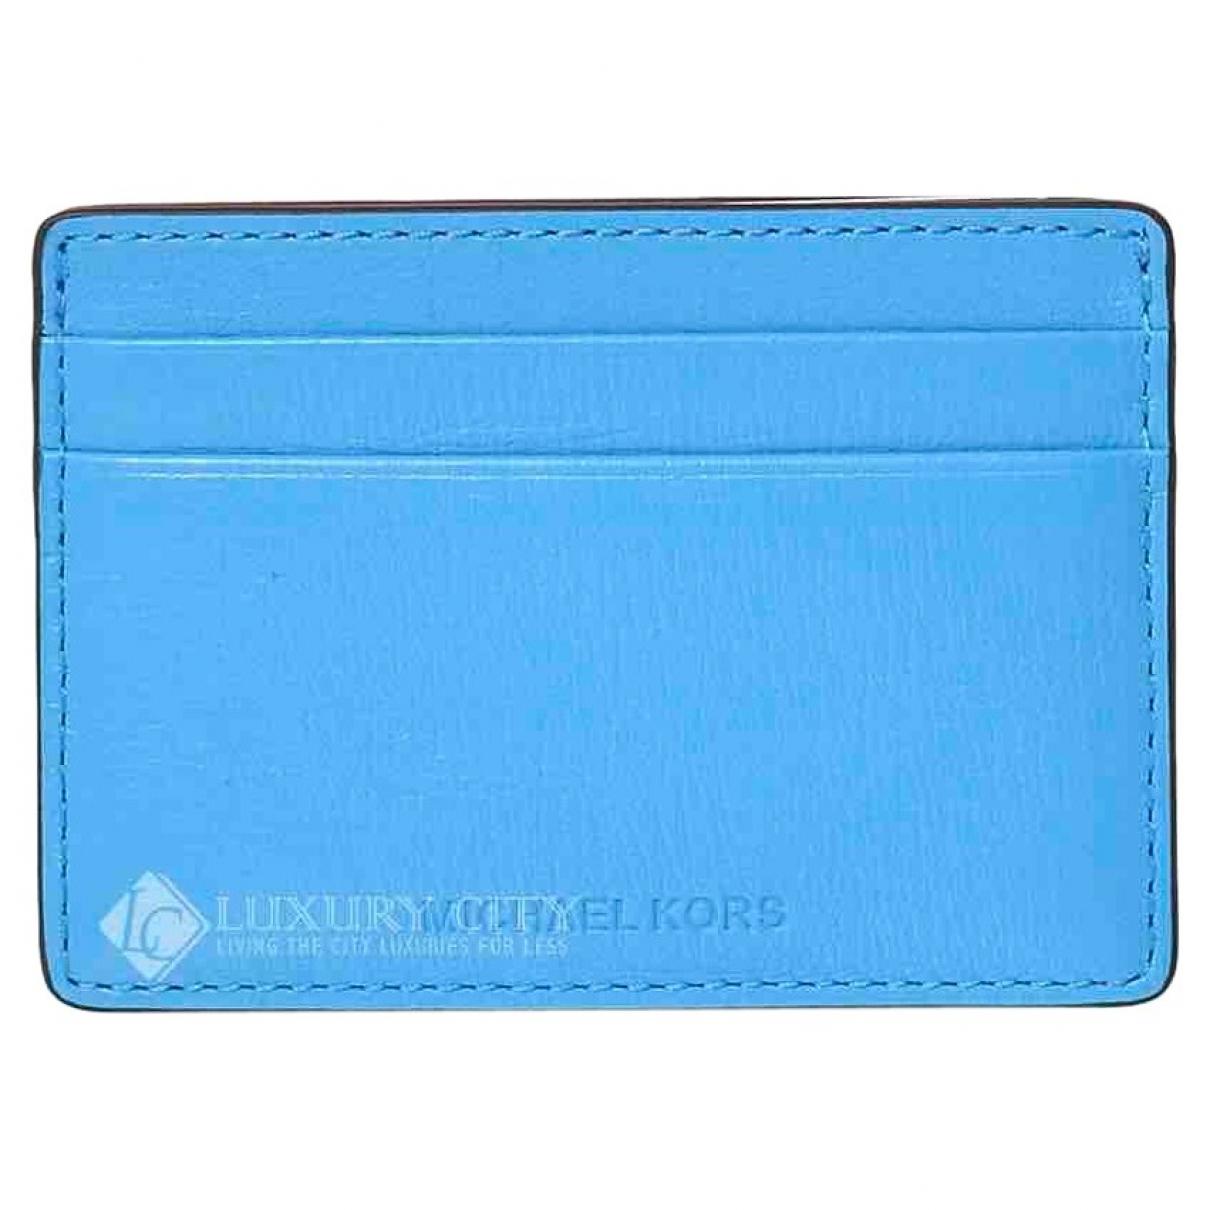 Michael Kors \N Kleinlederwaren in  Blau Leder